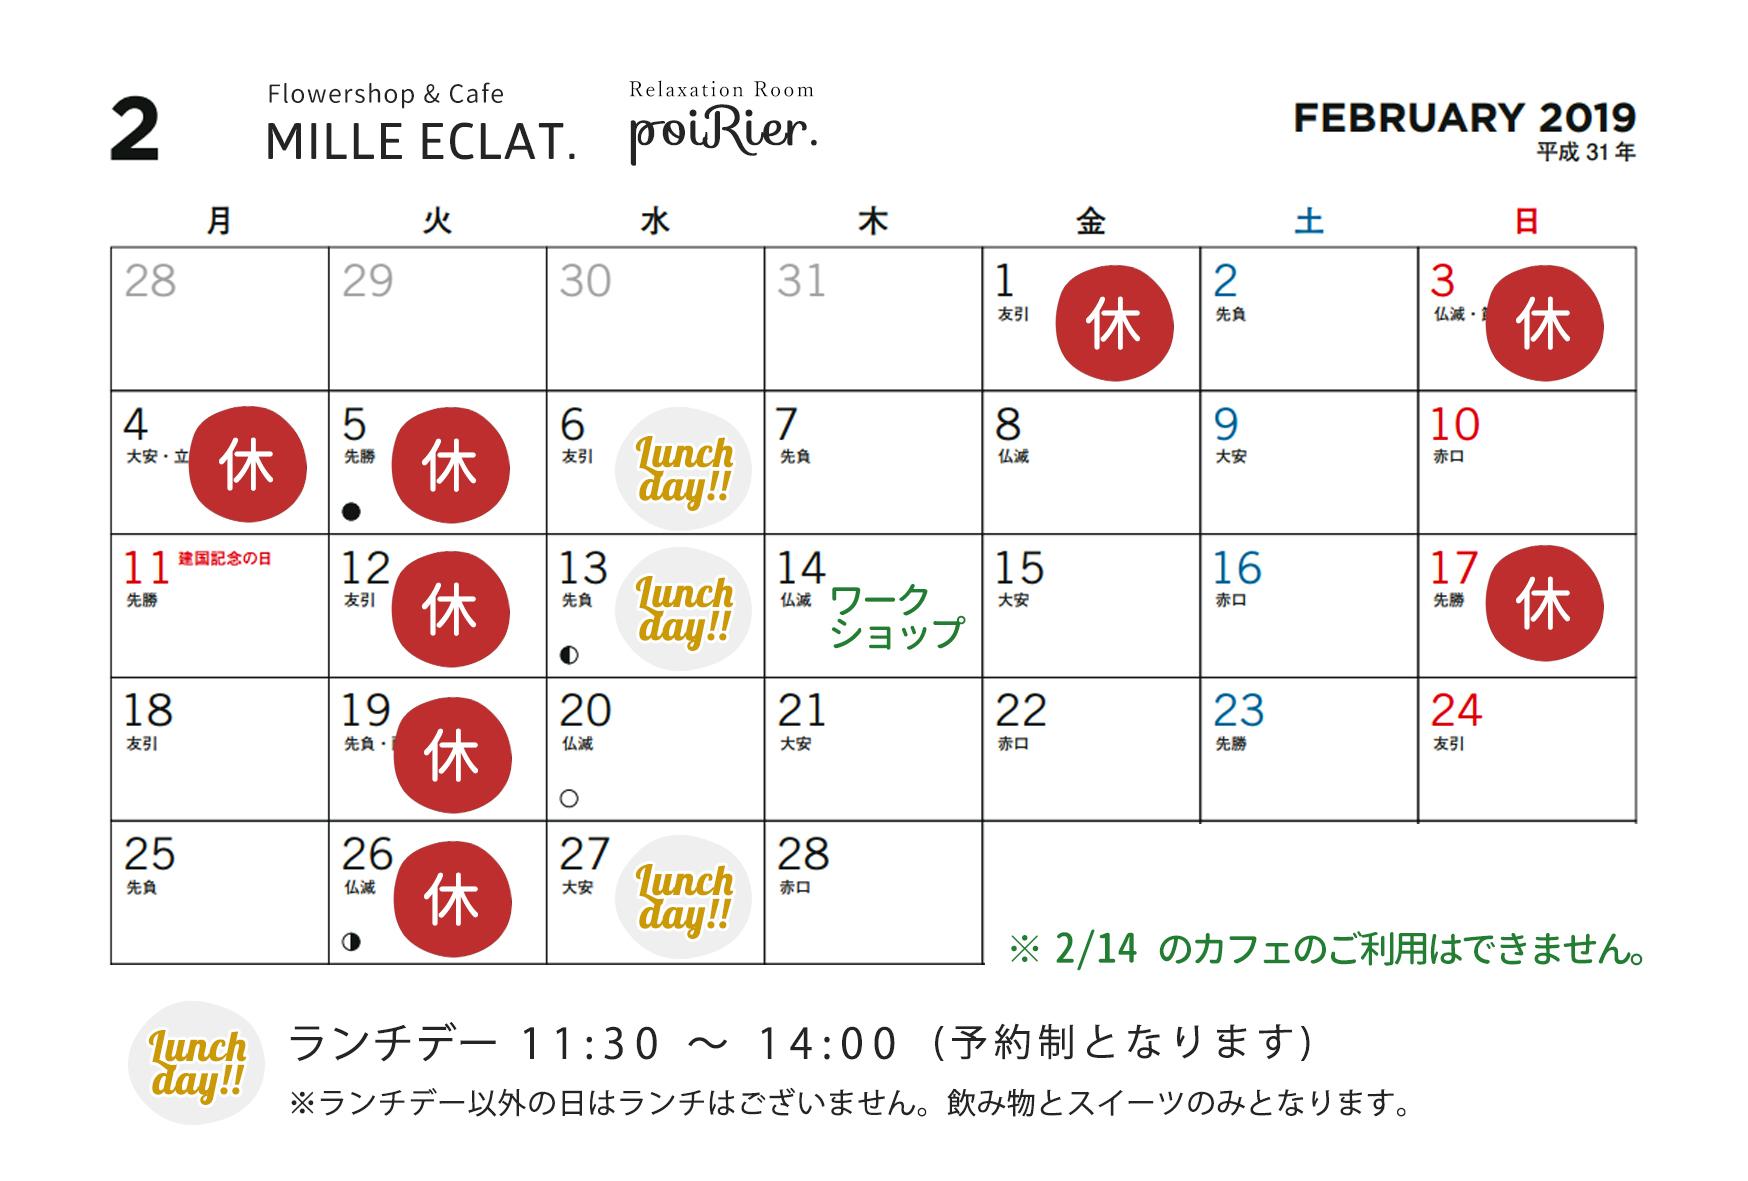 花屋ミルエクラ.営業日カレンダー